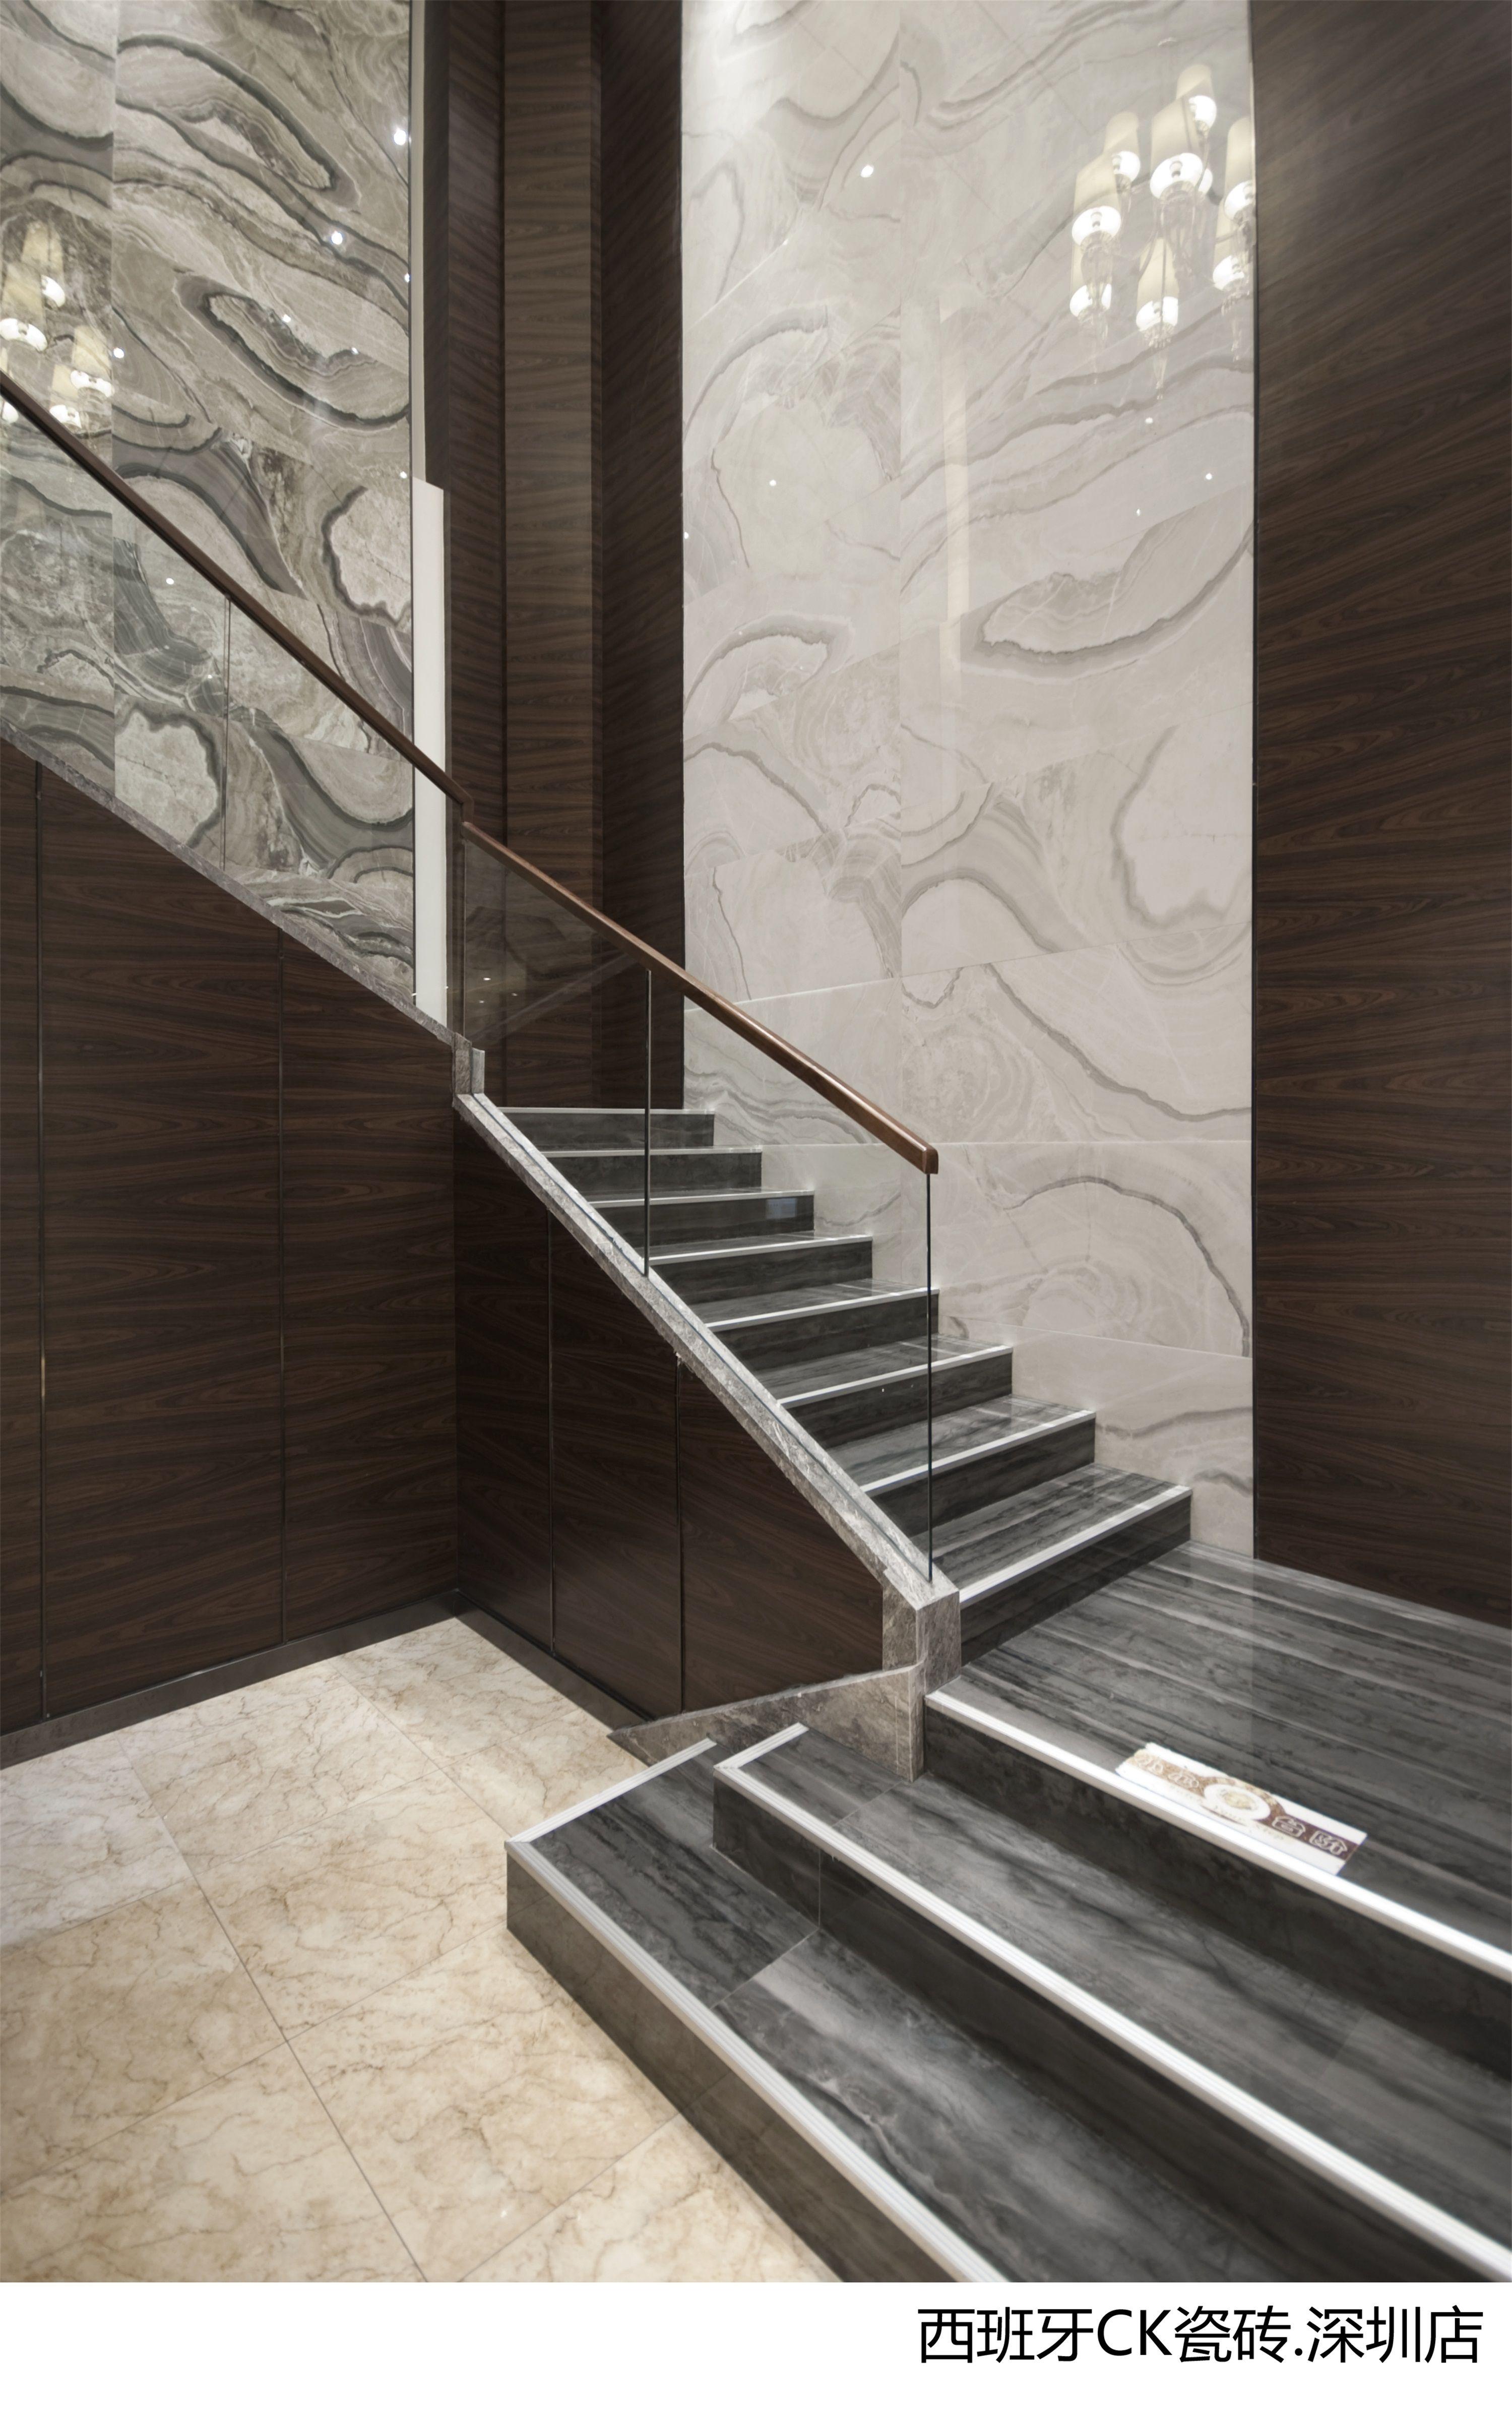 楼梯瓷砖地面雕花